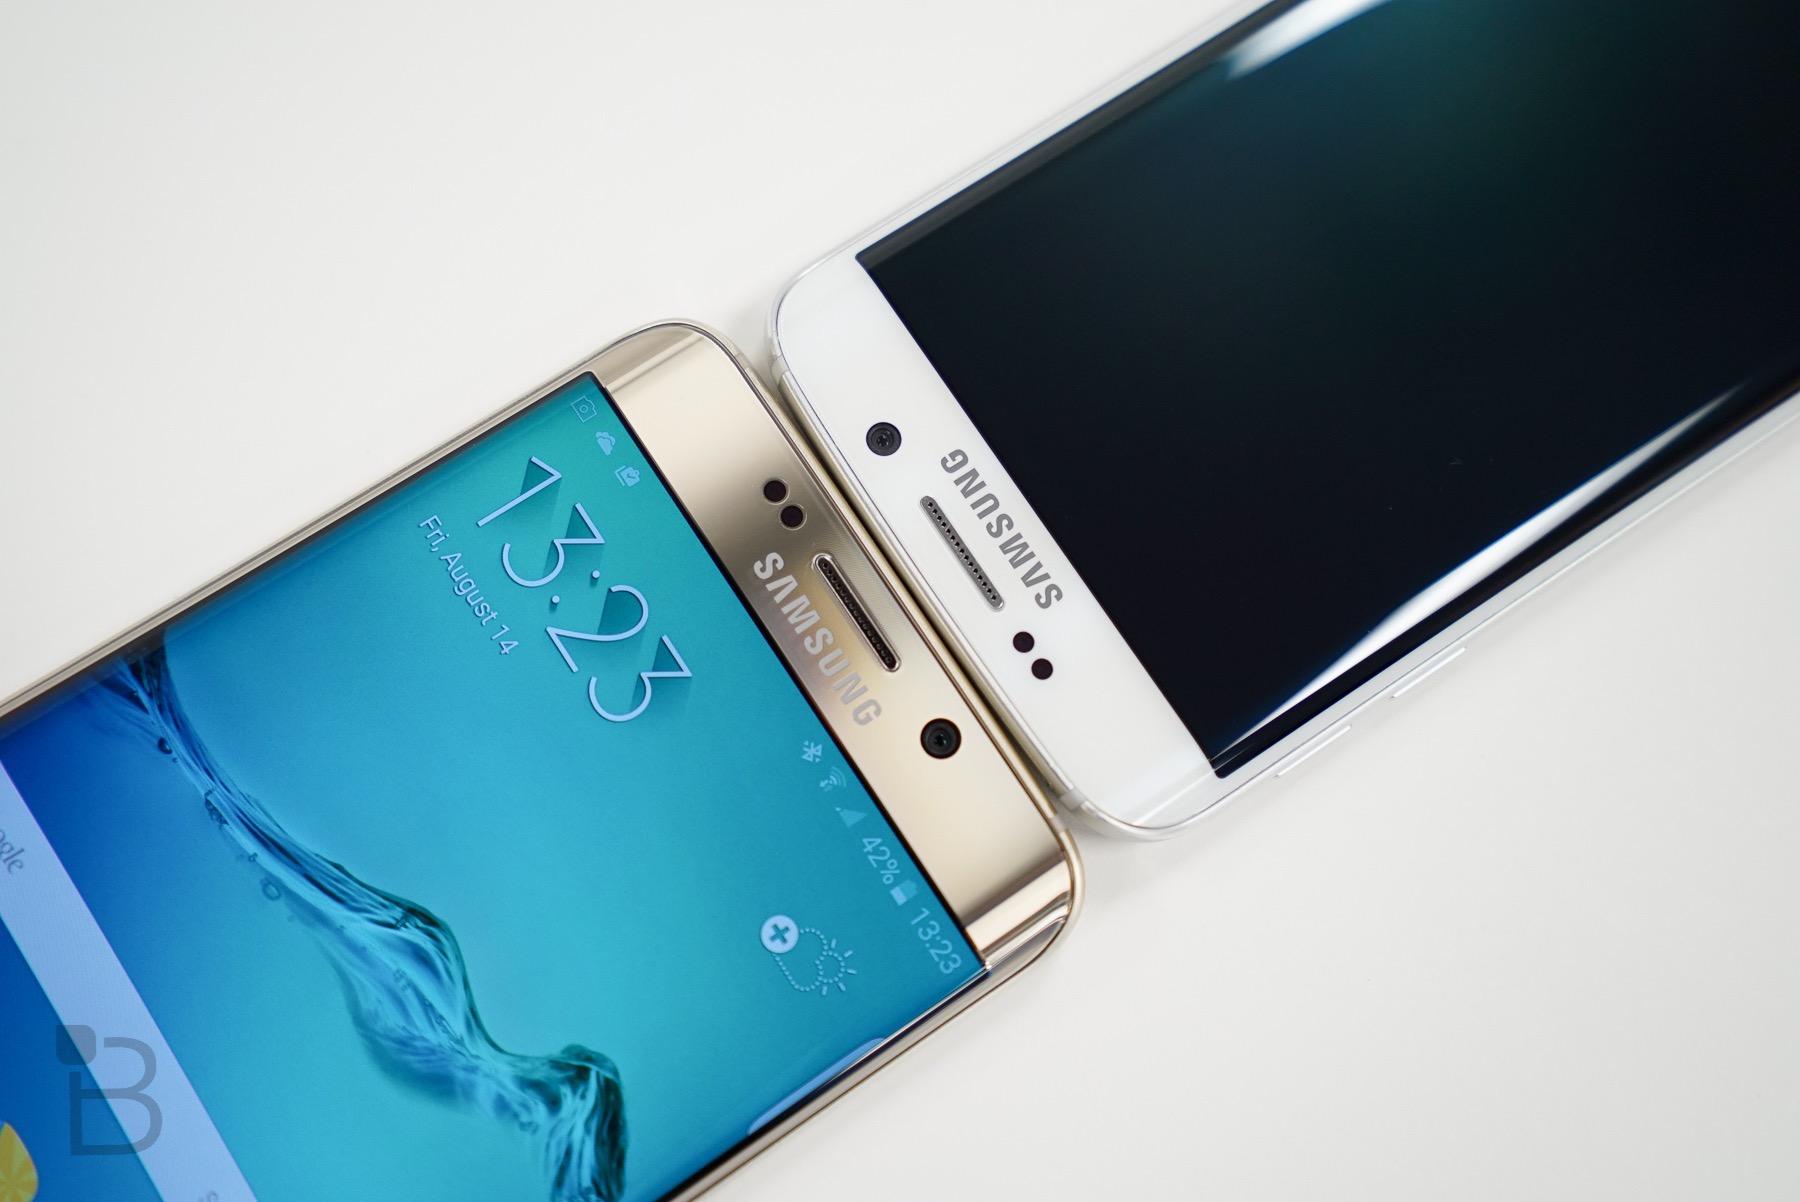 Samsung Açıklama Yaptı Galaxy S7 Model Telefonlar Güvenli ve Kalitelidir